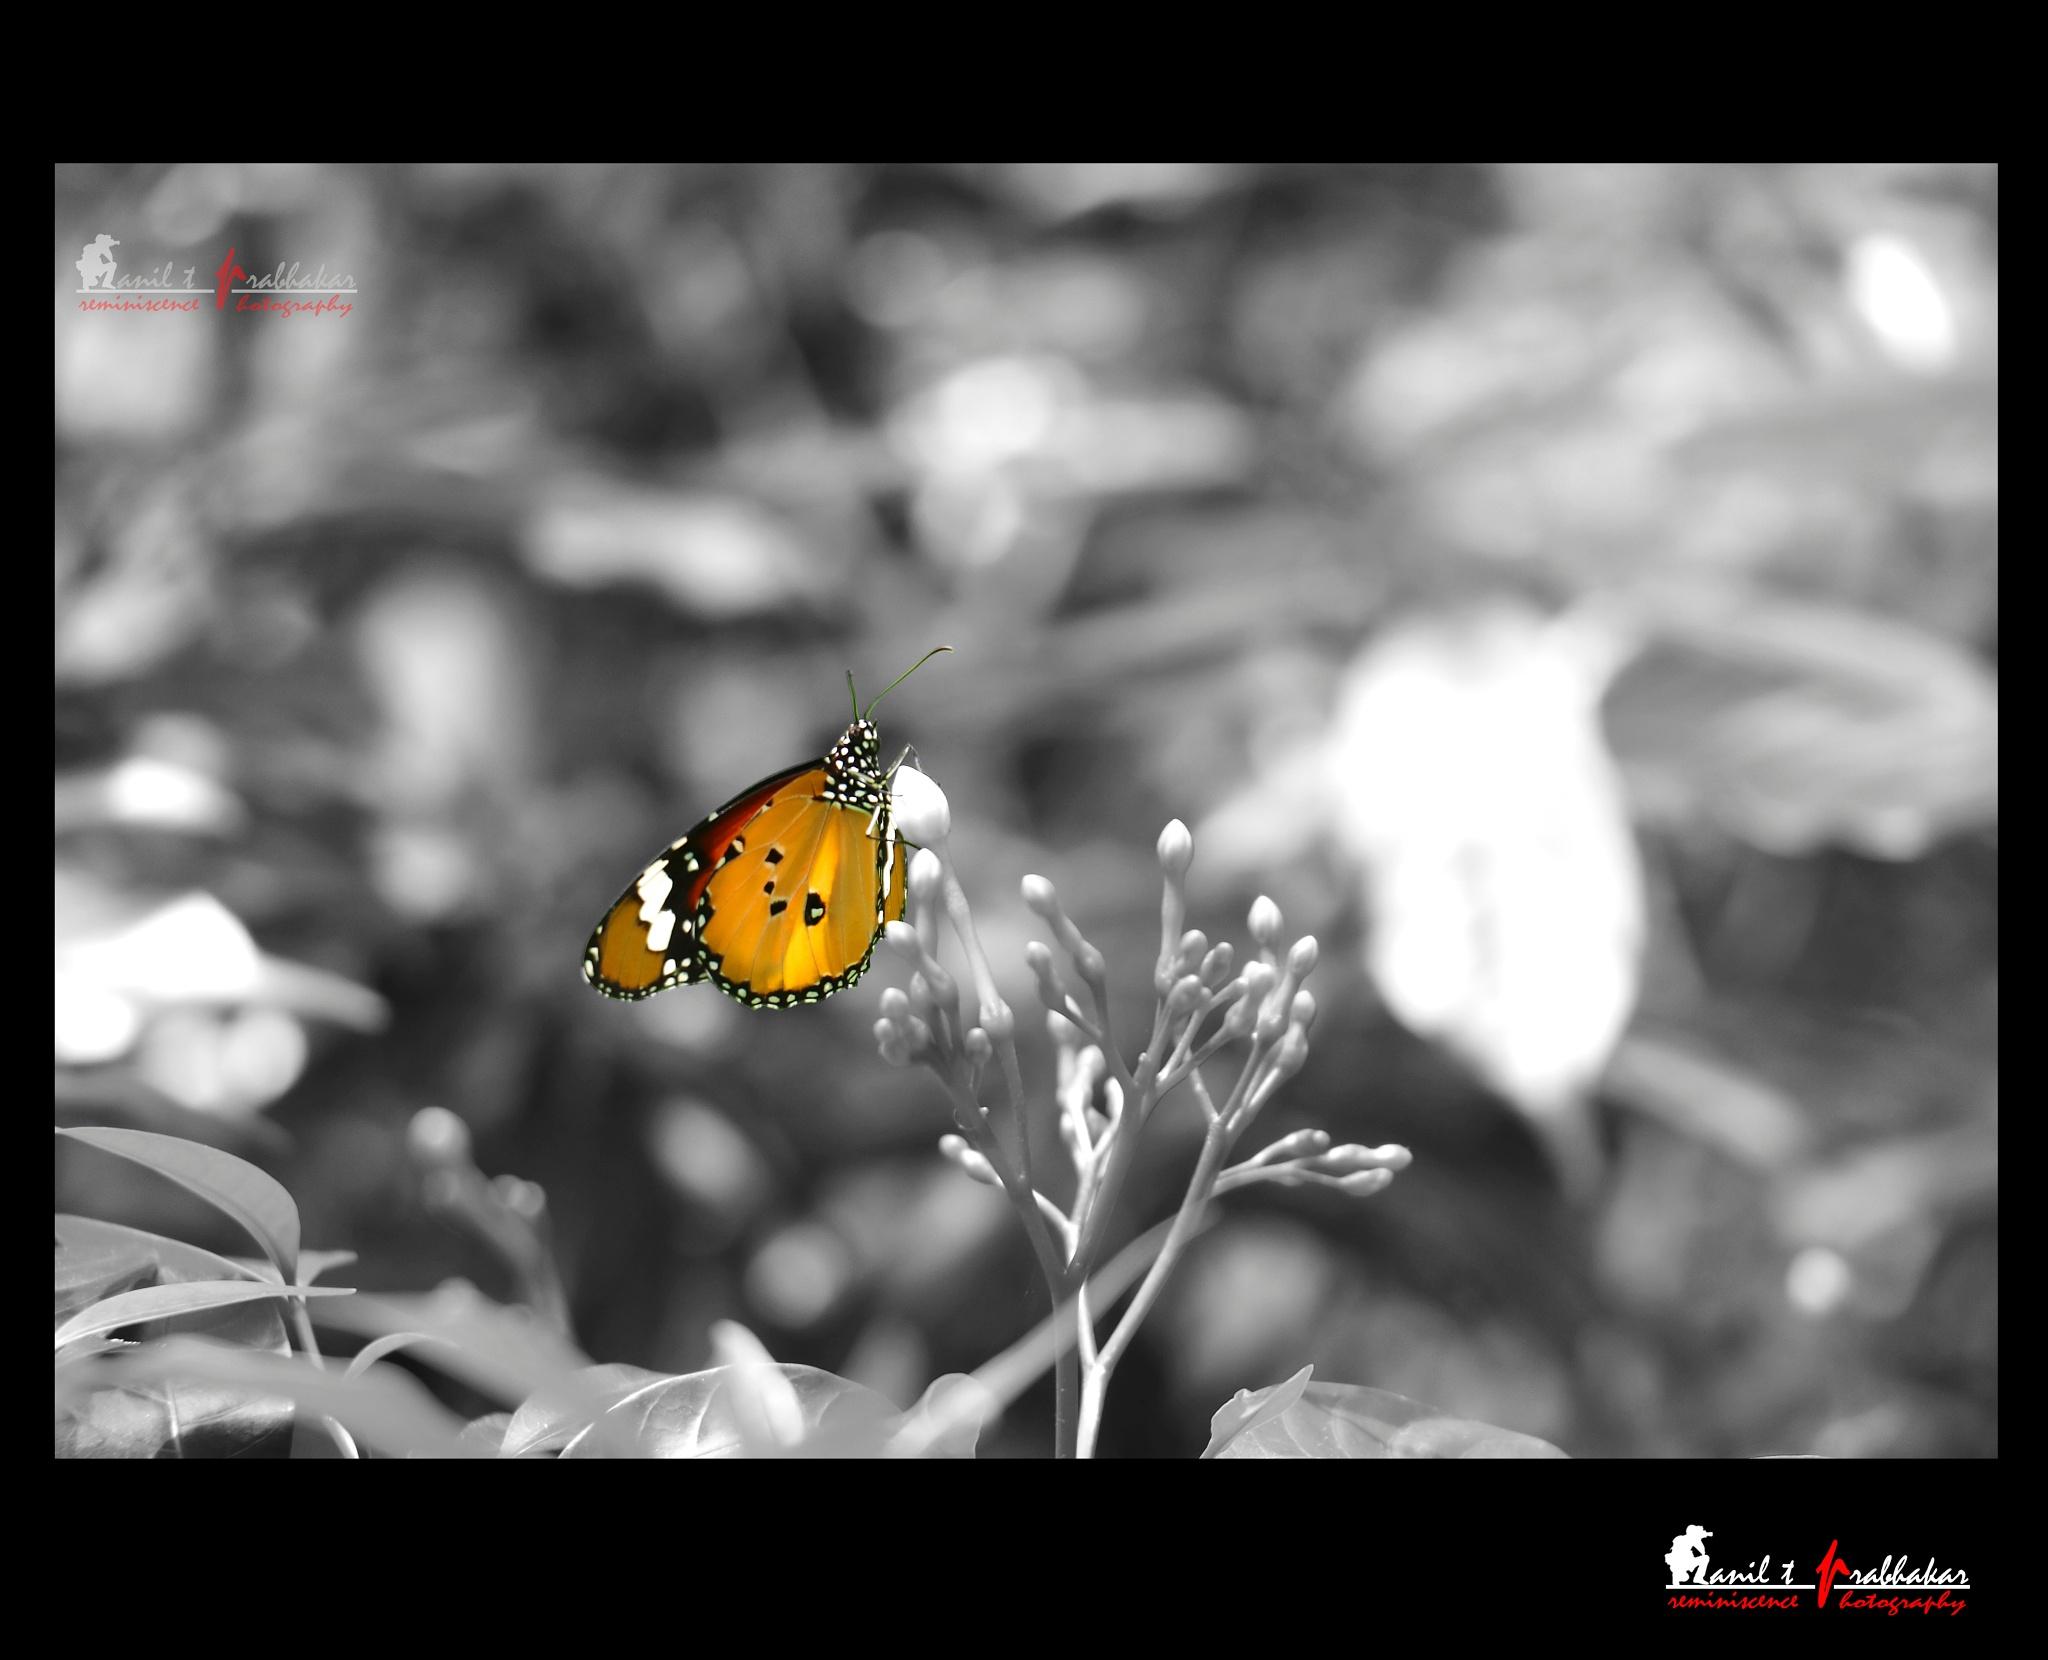 Colors by Anil T Prabhakar